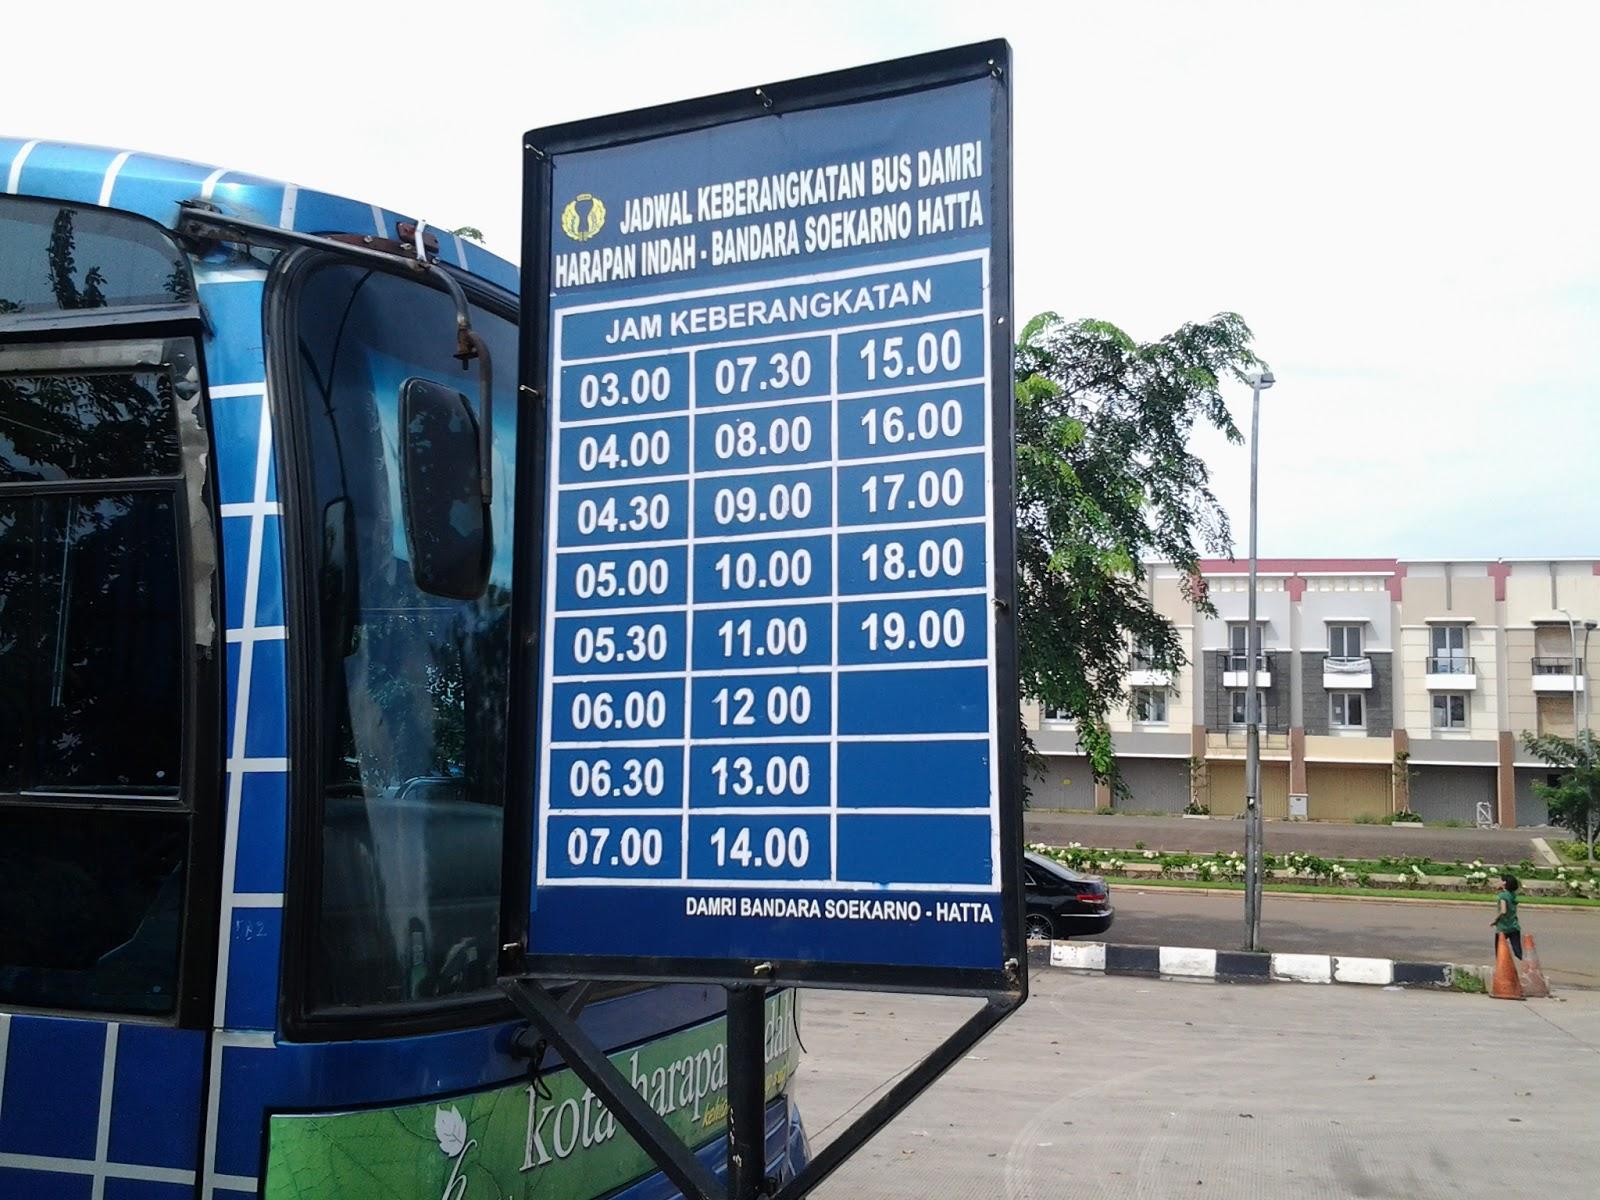 Related image with jadwal bus damri gambir bandara soekarno hatta